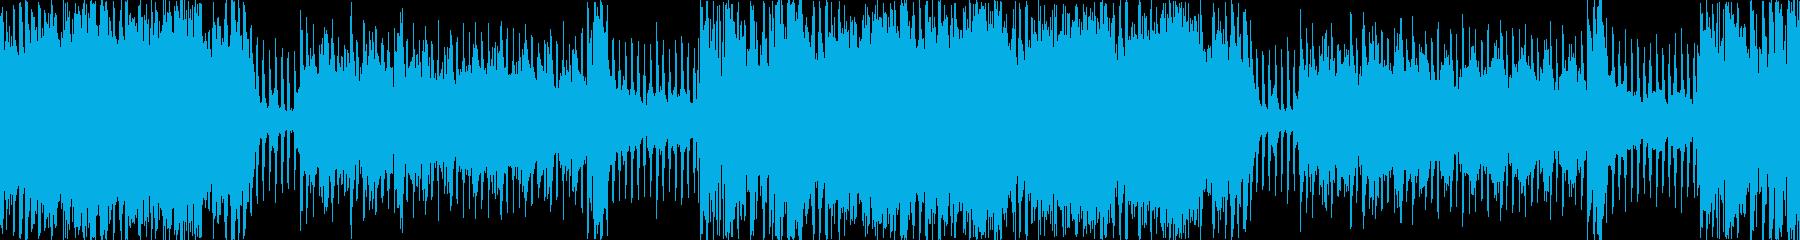 明るいシンフォニックな曲ですの再生済みの波形